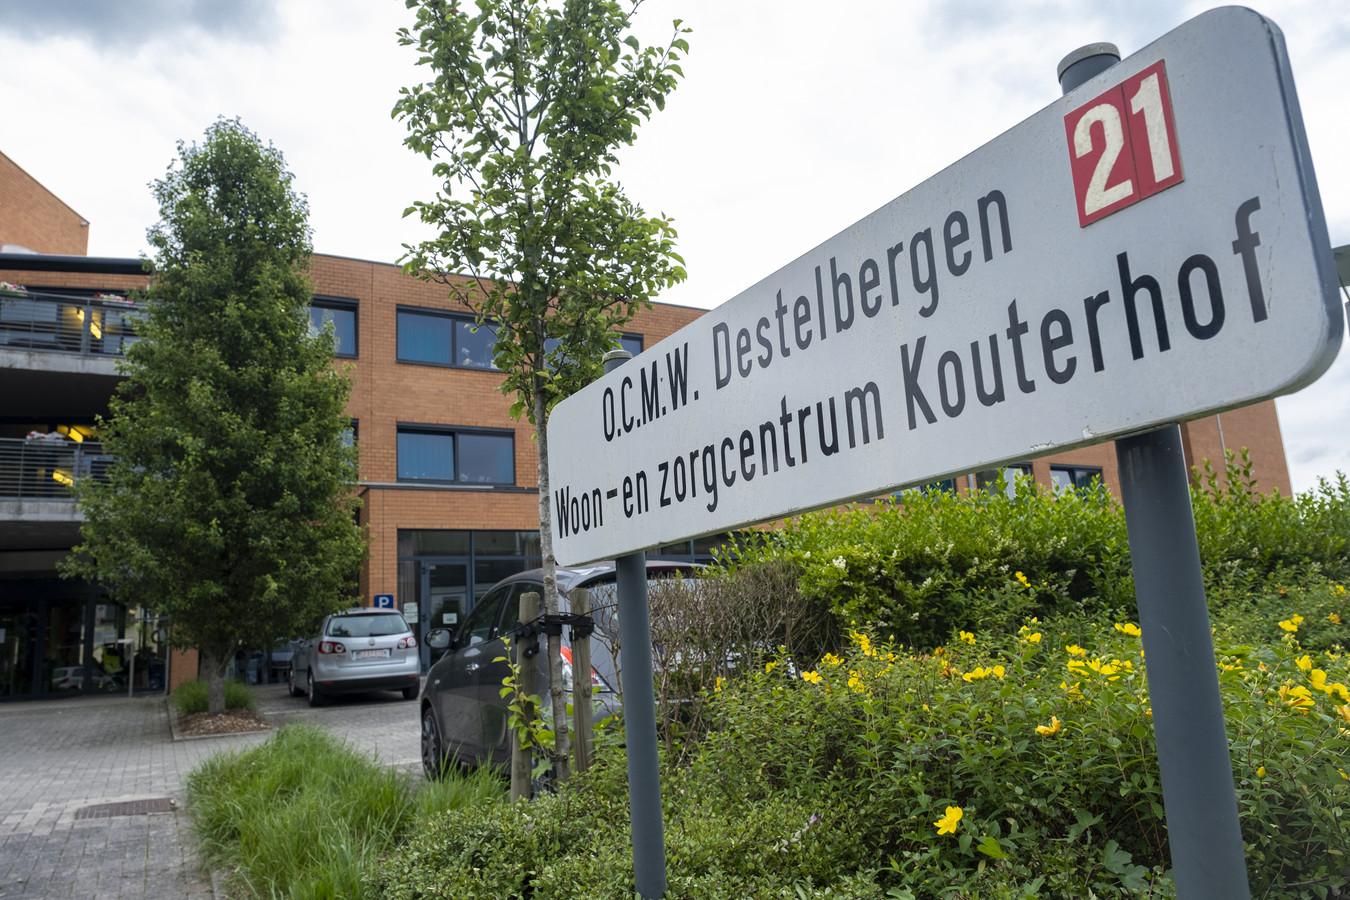 Woon- en zorgcentrum Kouterhof in Destelbergen werd maandag opgeschrikt door de verdachte dood van een bewoner.